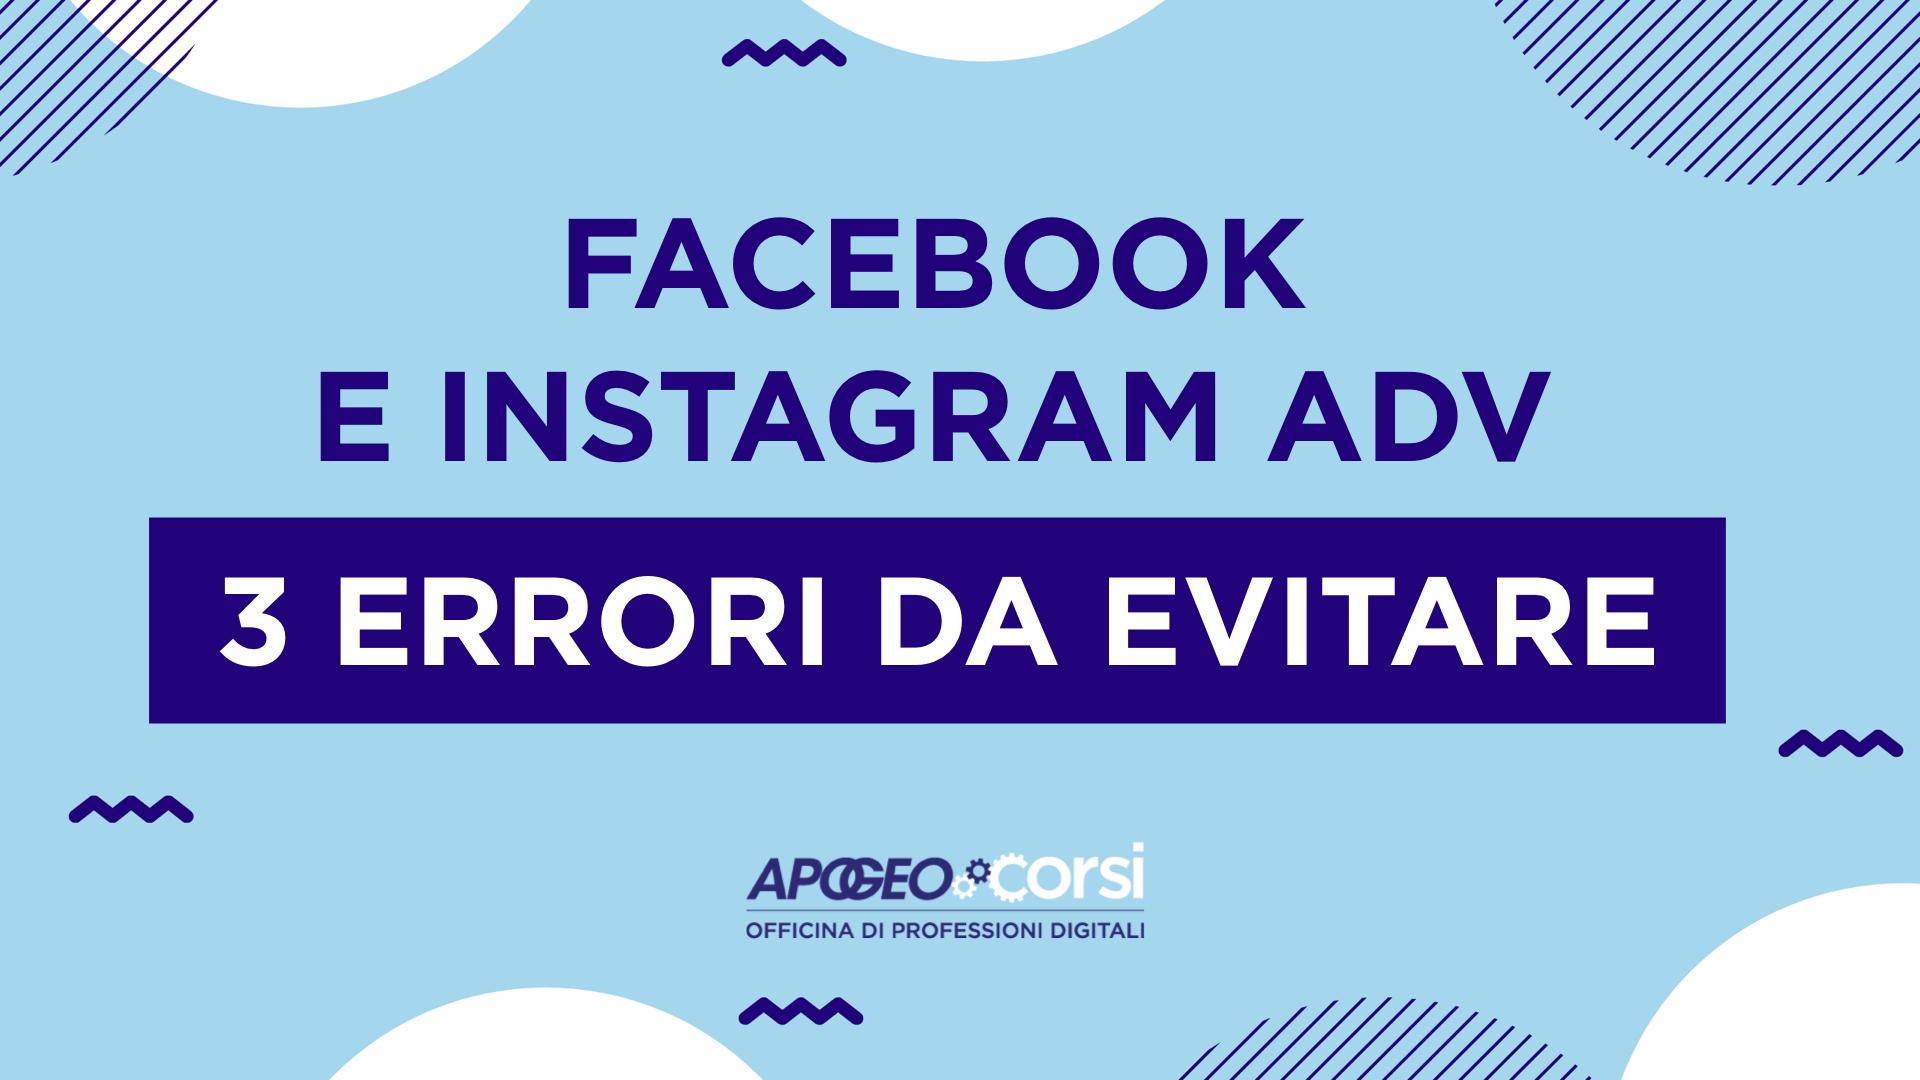 Facebook e Instagram adv: 3 errori da evitare